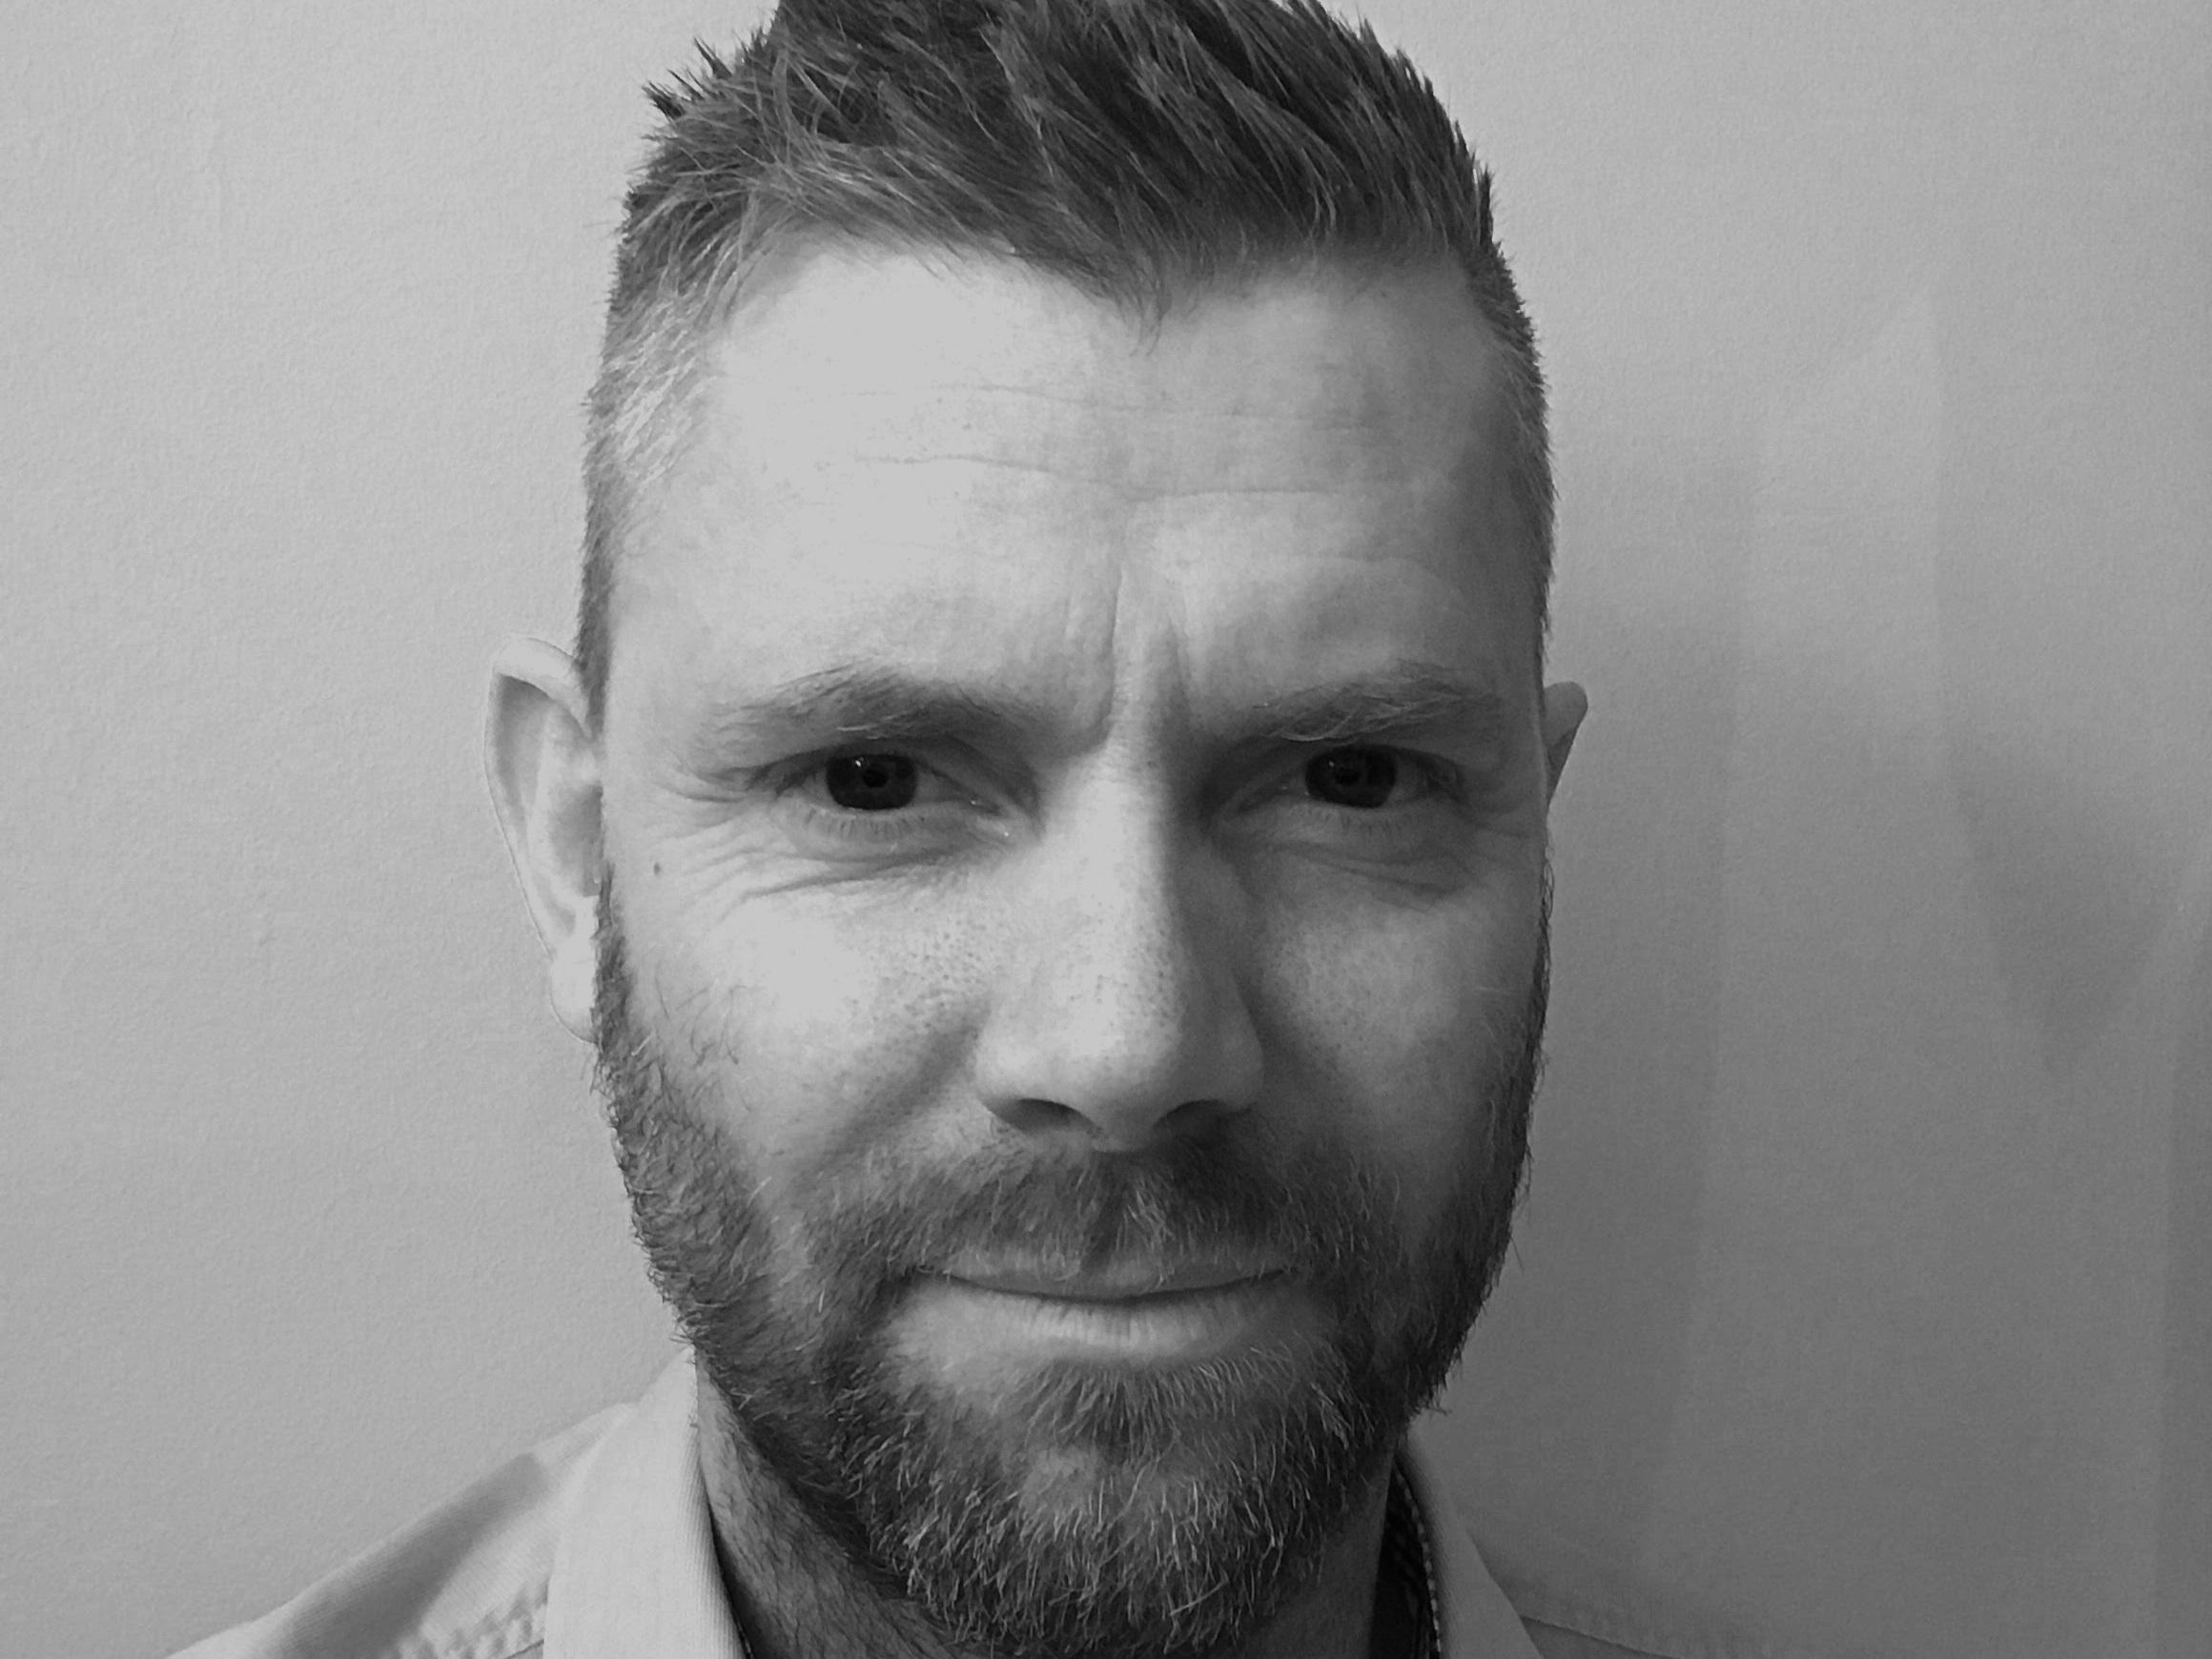 Salg og Markedsleder - Gøran Andersen | Tlf. 962 07 555 | gan@foraas.noGøran har vært hos oss i 2 år og har hovedansvar for all salgs og markedsaktivitet for Foraas.